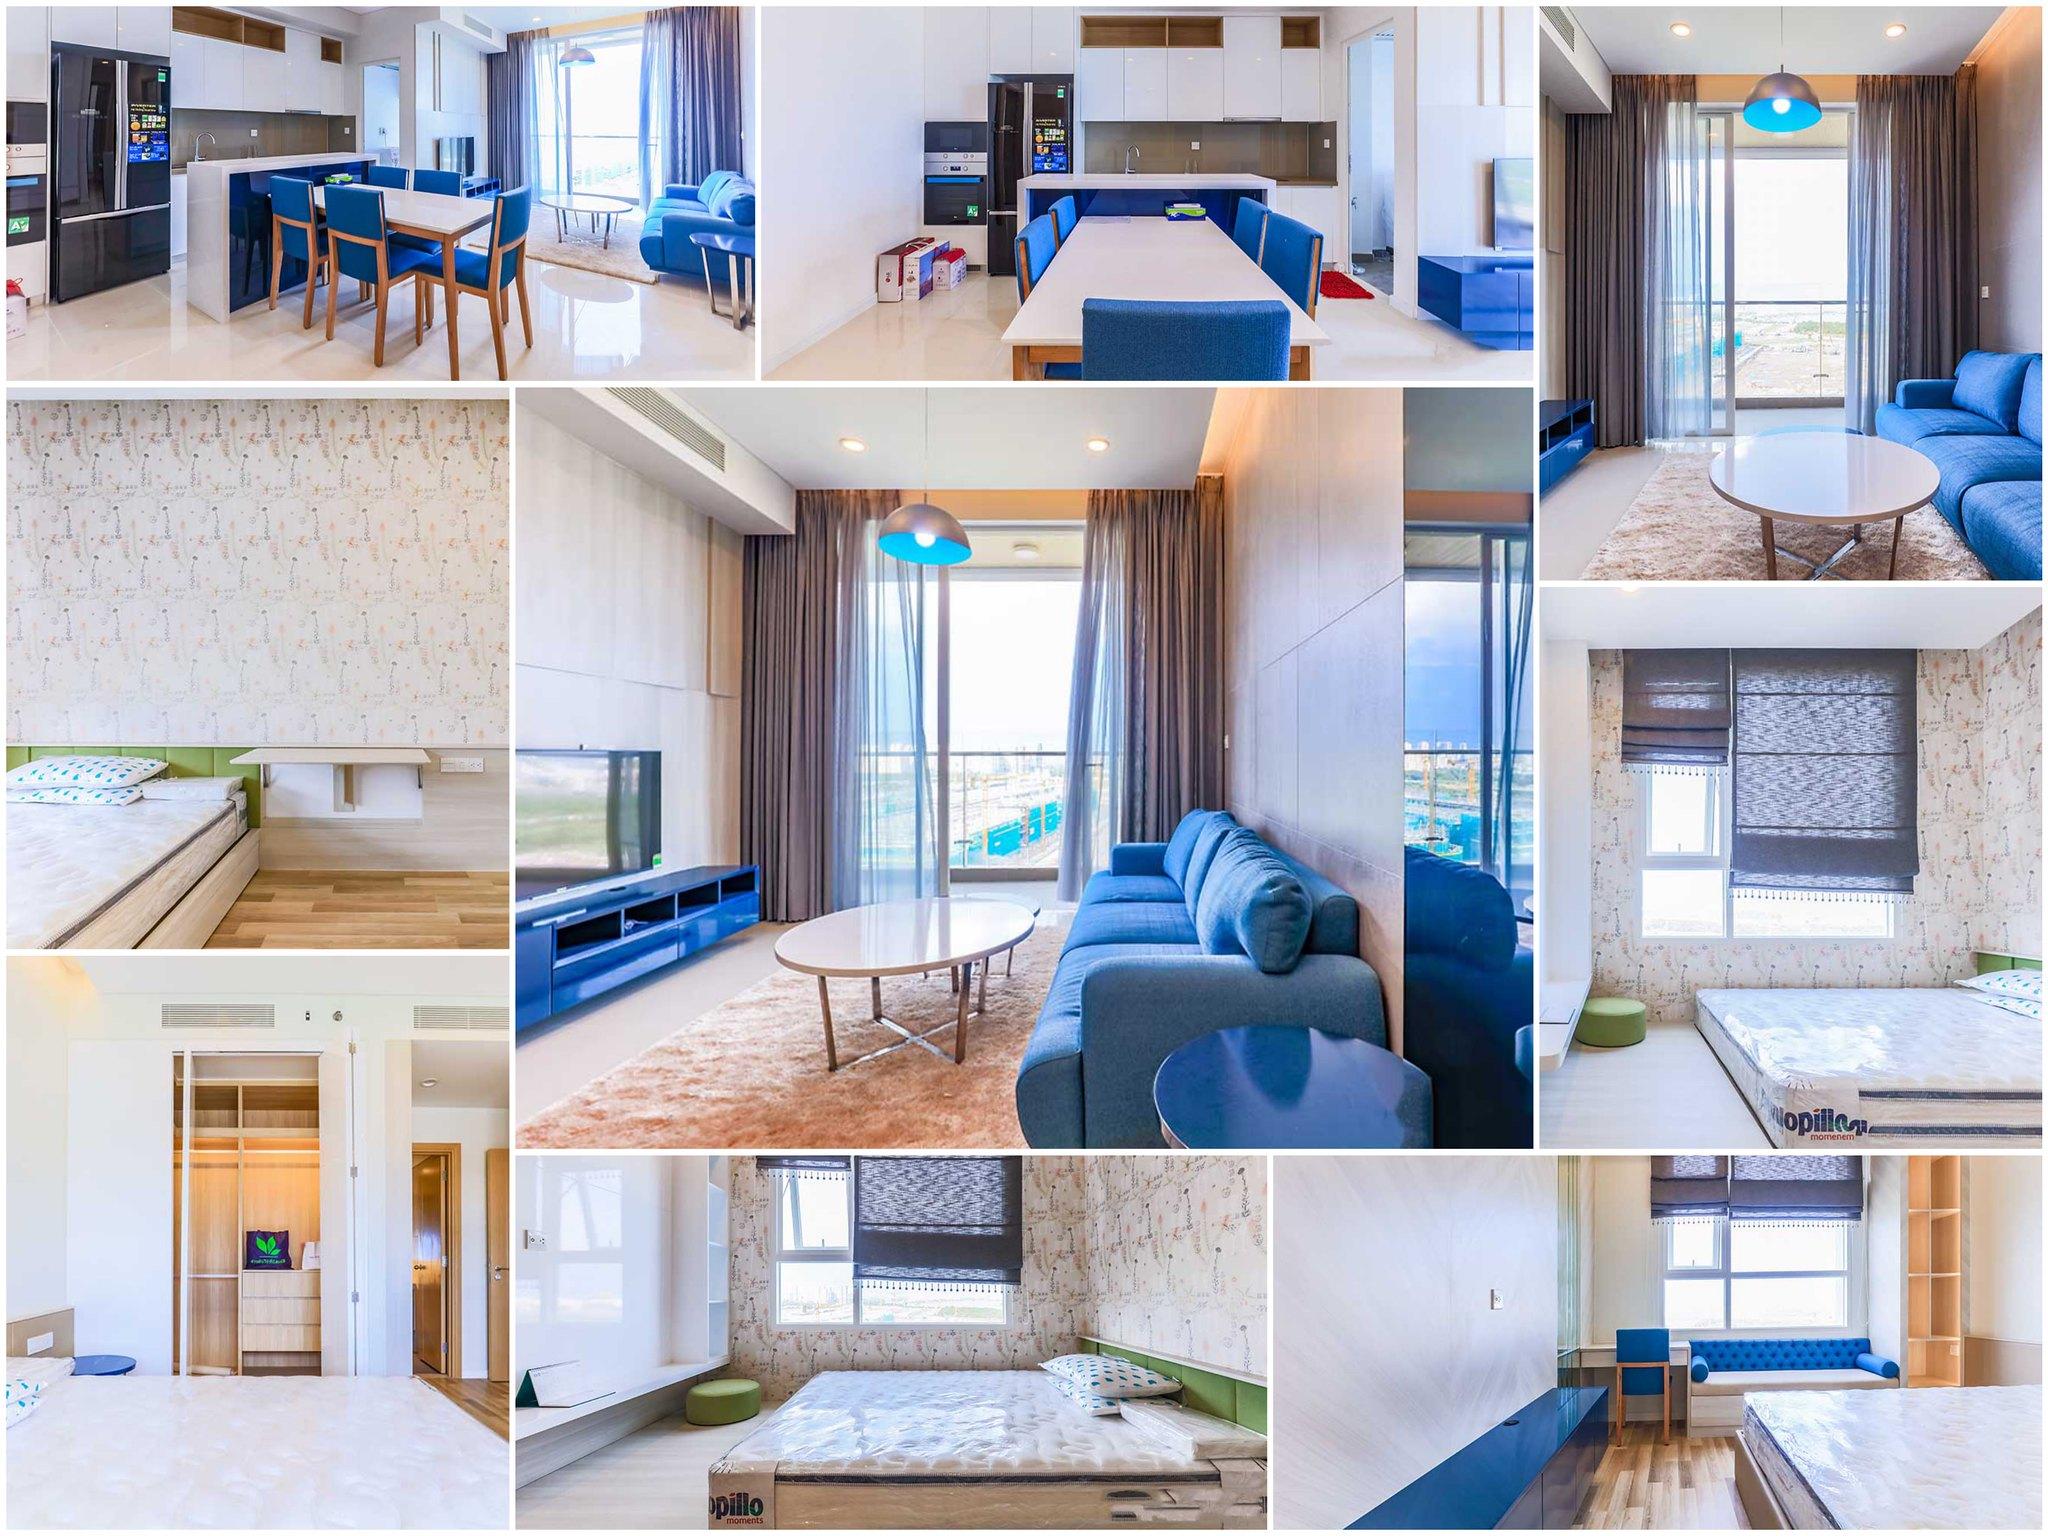 cho thuê căn hộ sala sarimi 2 phòng ngủ